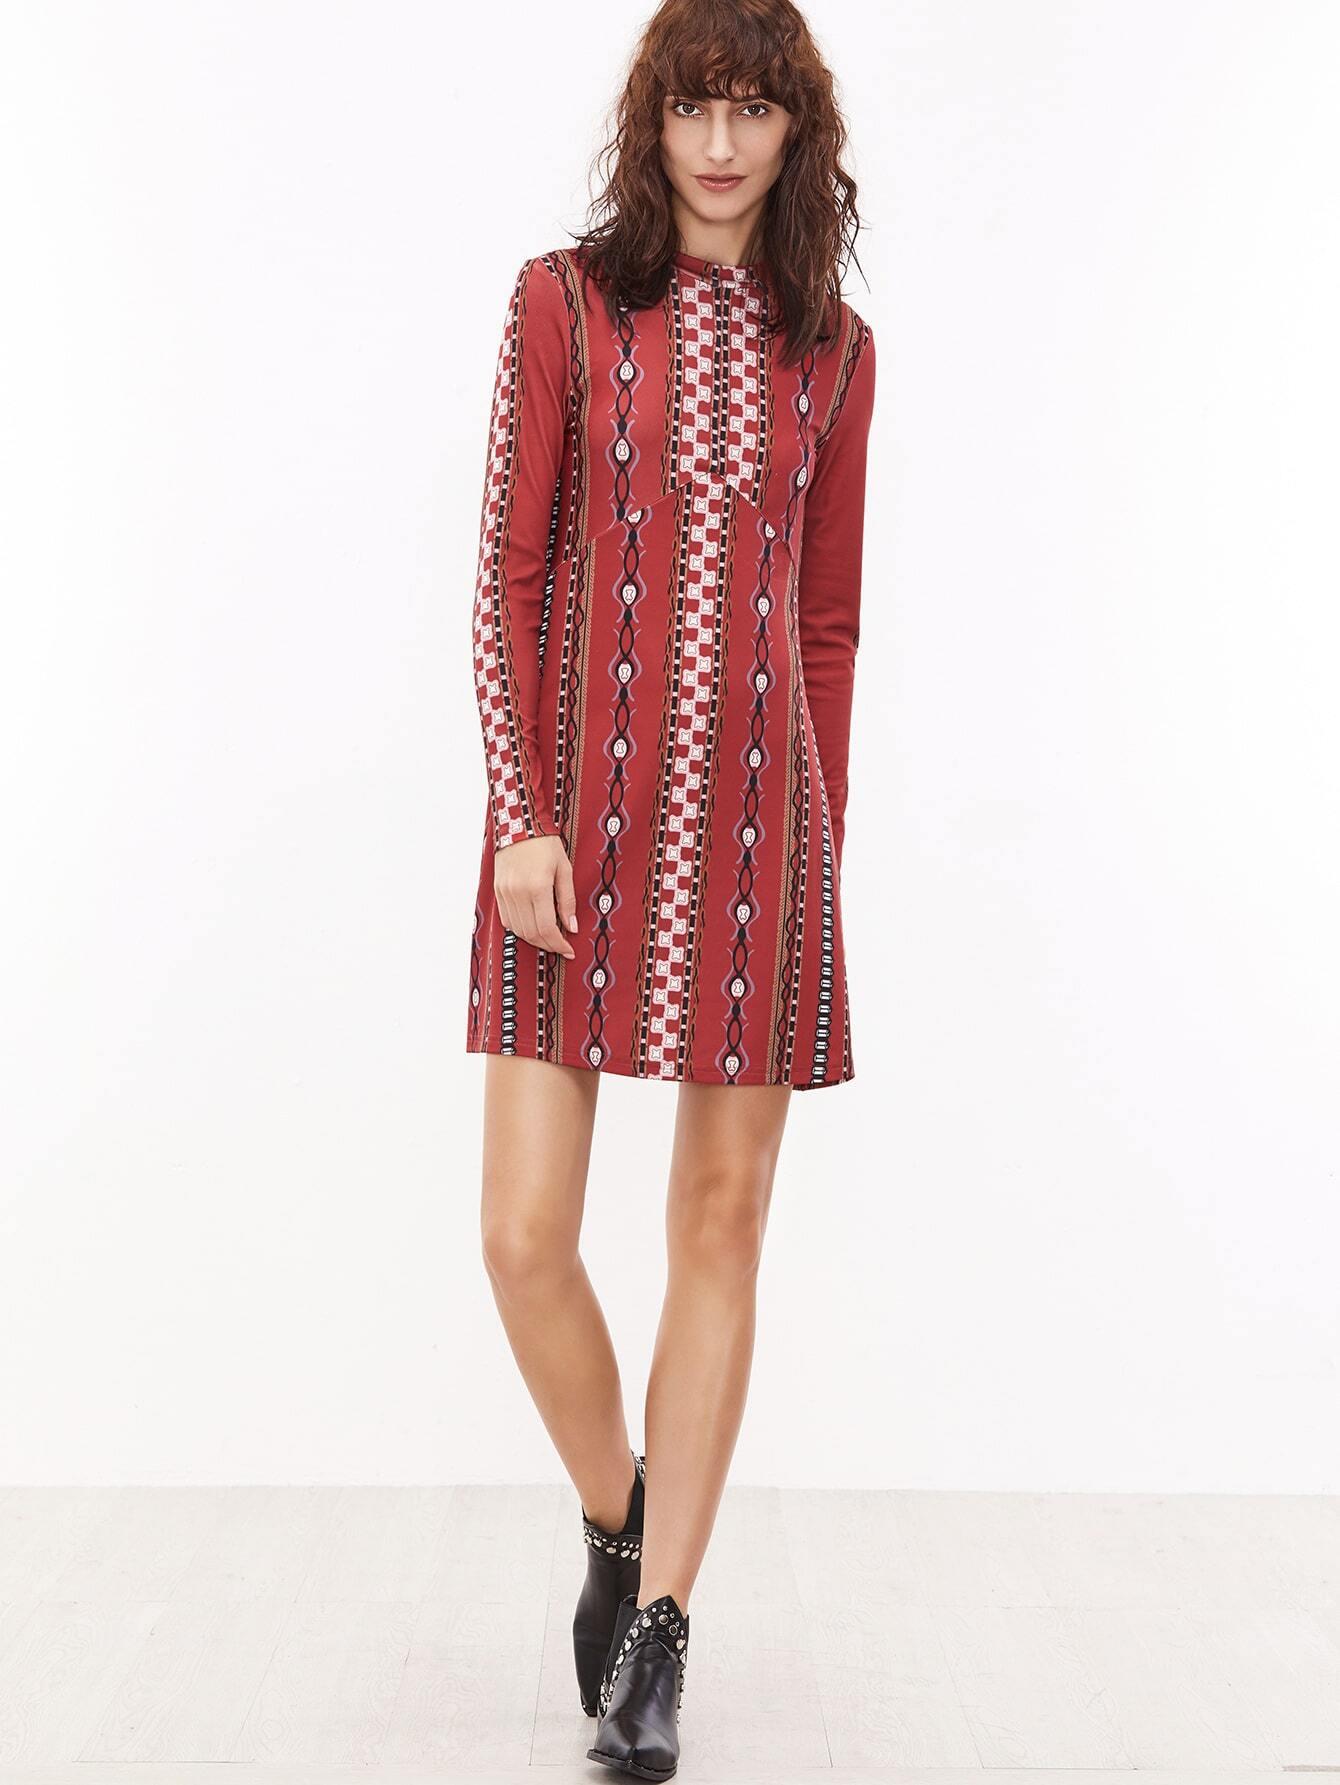 dress161202745_2